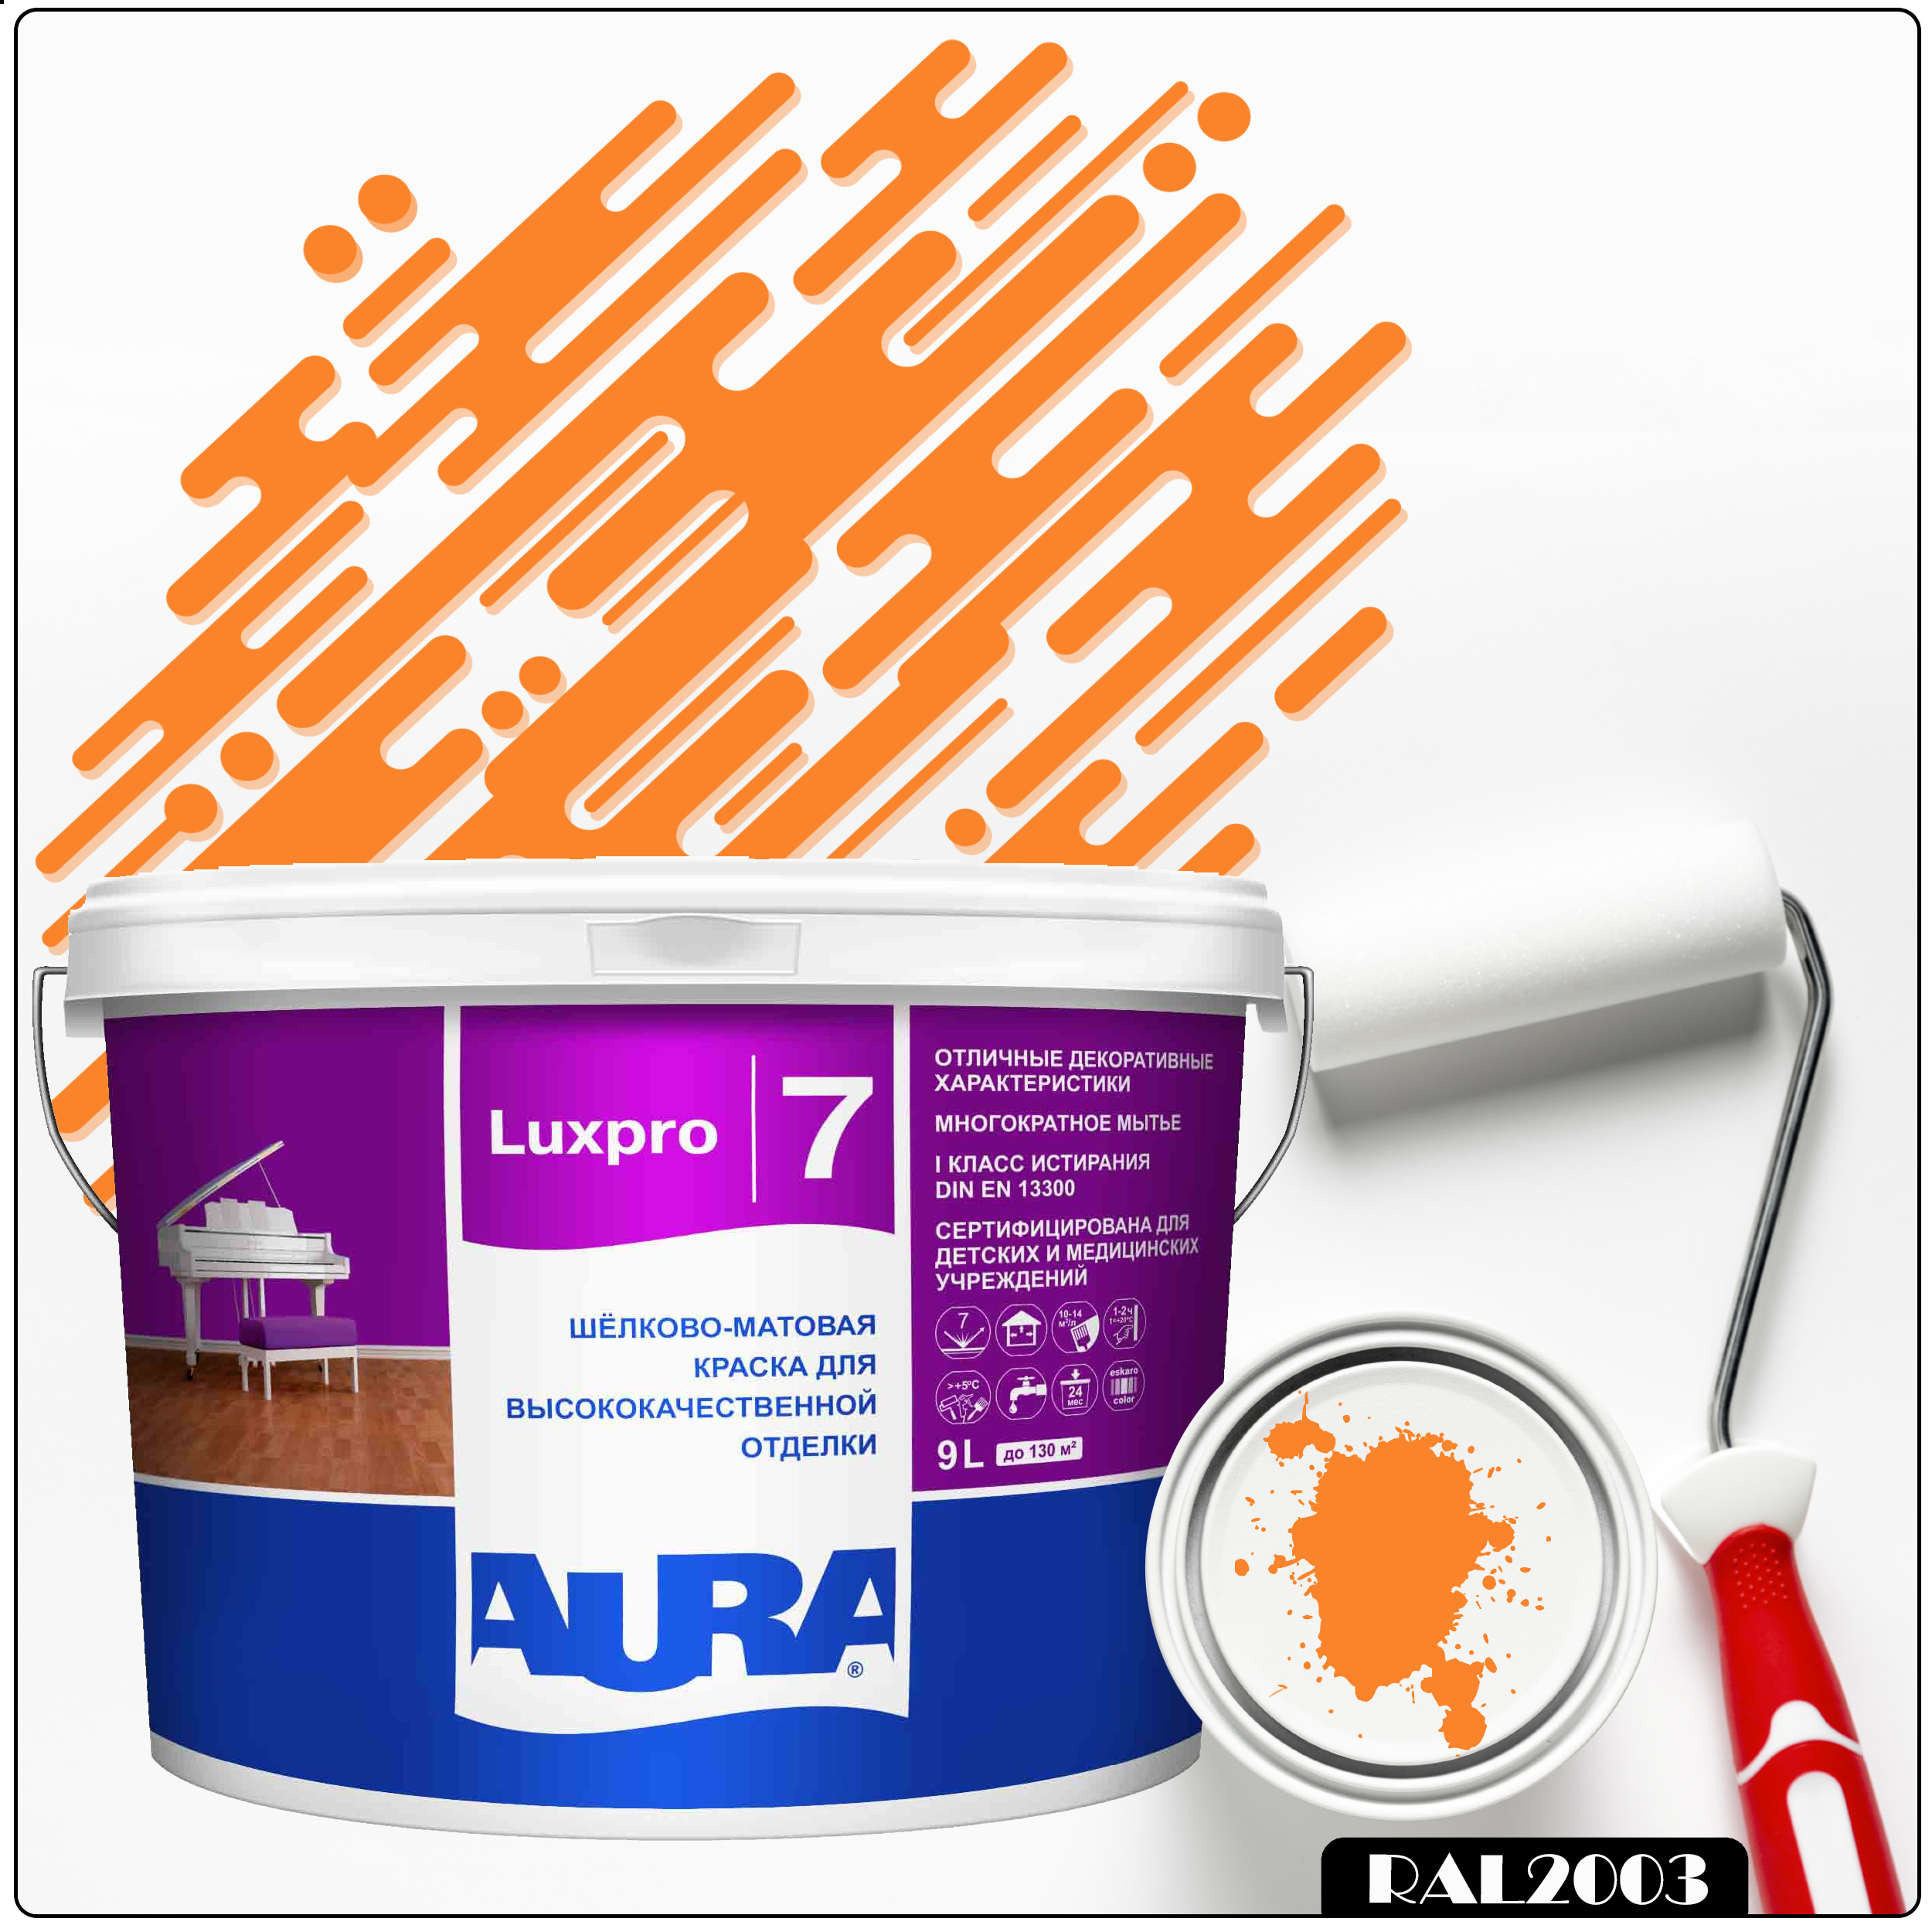 Фото 4 - Краска Aura LuxPRO 7, RAL 2003 Пастельно-оранжевый, латексная, шелково-матовая, интерьерная, 9л, Аура.